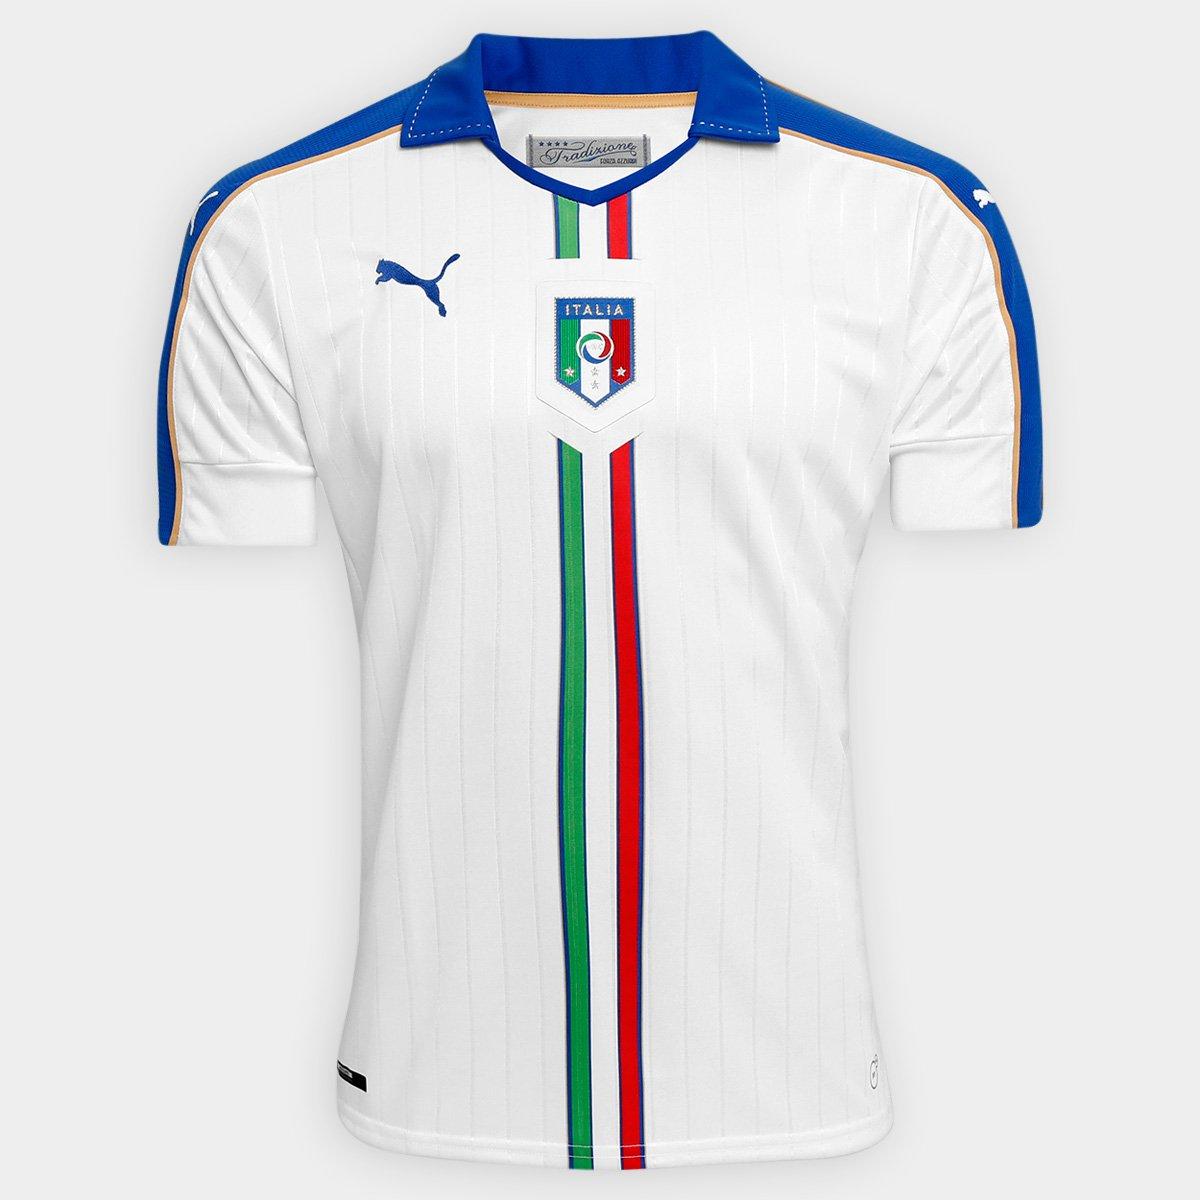 Camisa Seleção Itália Away 15 16 s nº - Torcedor Puma Masculino - Compre  Agora  89dab14cf9634